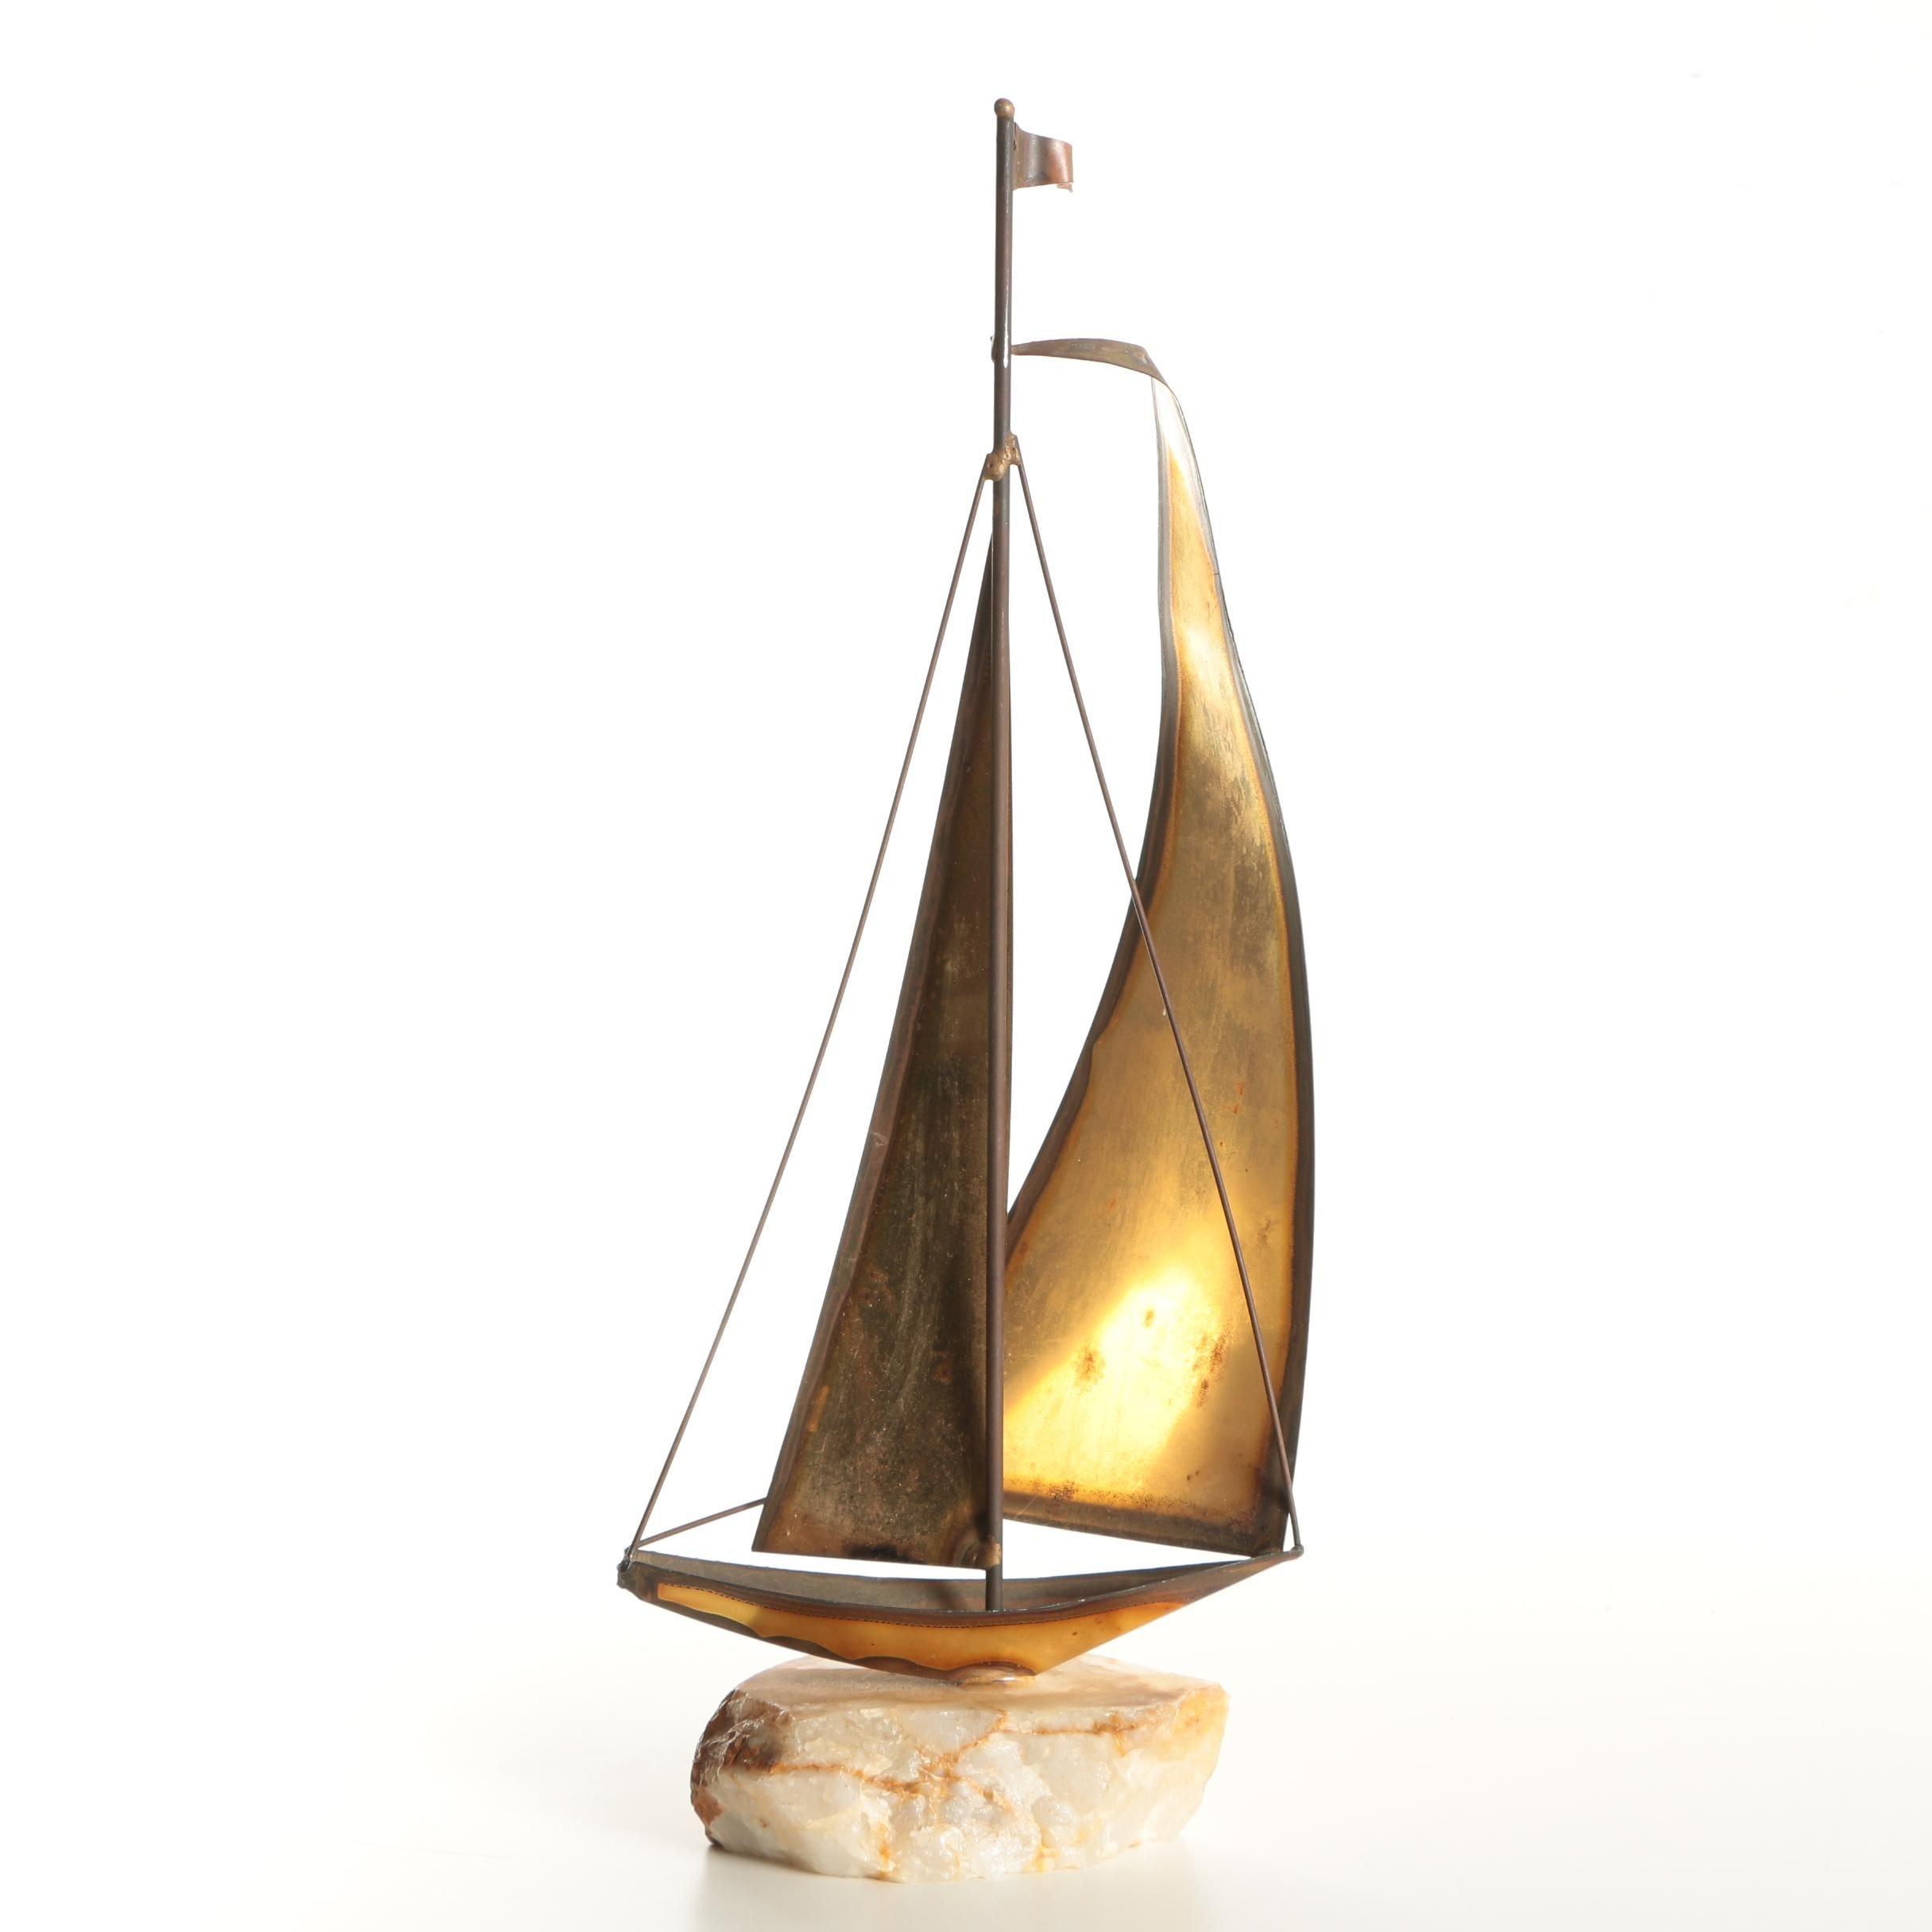 Curtis Jeré Signed Circa 1960s Copper Sailboat Sculpture on Quartz Base